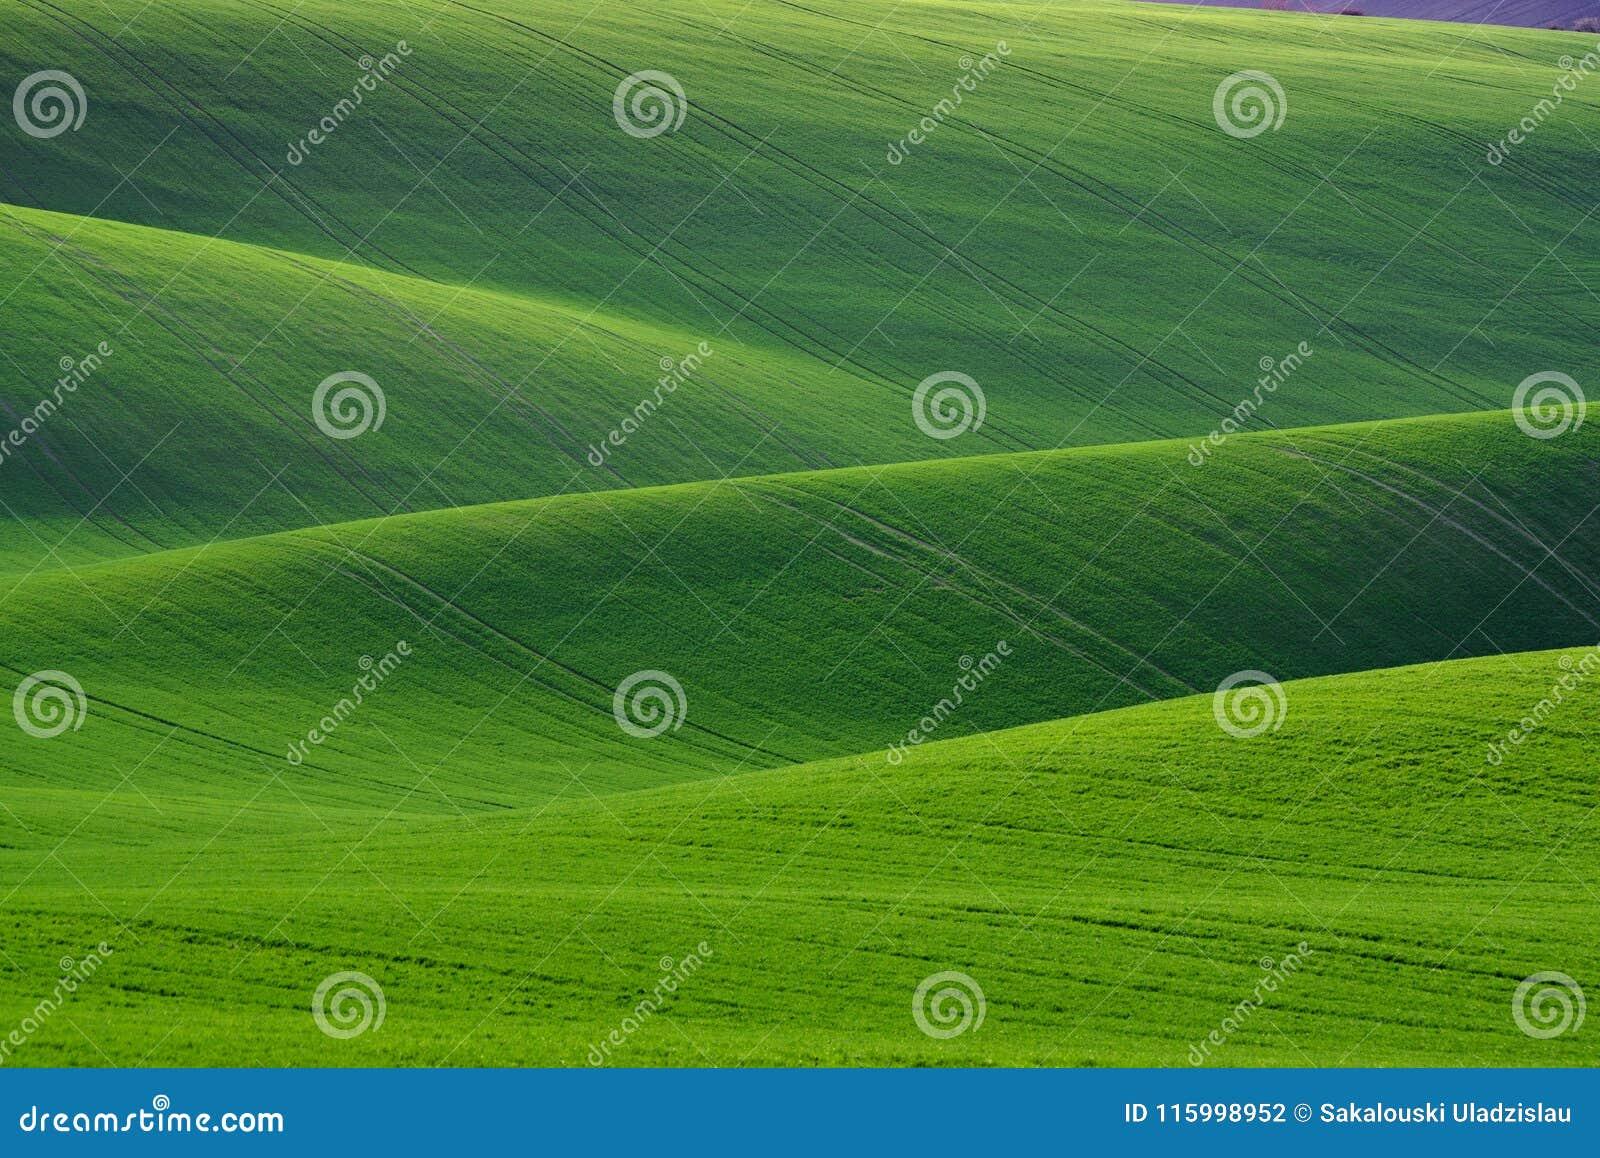 Большая естественная зеленая предпосылка Весна свертывая зеленые холмы с полями пшеницы Изумительный ландшафт весны Minimalistic